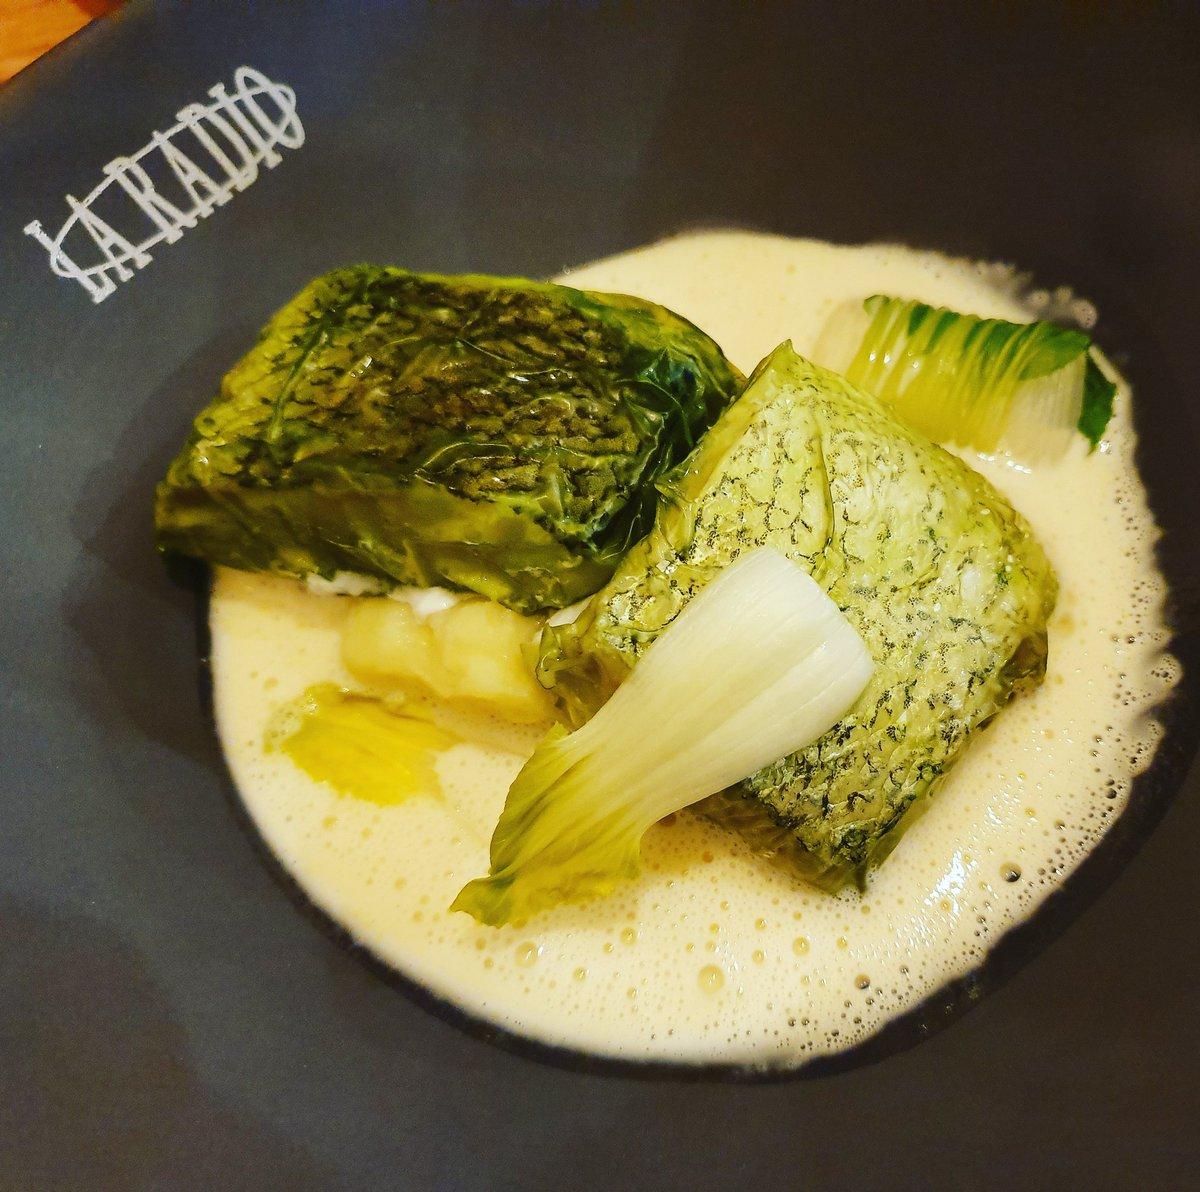 Merluza meuniere y algas en @laradiopepesolla ¡Que ganas teníamos de probar lo nuevo de @pepesolla 😋 #dondecomer  #gastroigers #santiagodecompostela #casasolla #laradio #pepesolla #gastronomia #gastrosensaciones #galicia  #galiciamola #restaurantes #foodies #foodplaces